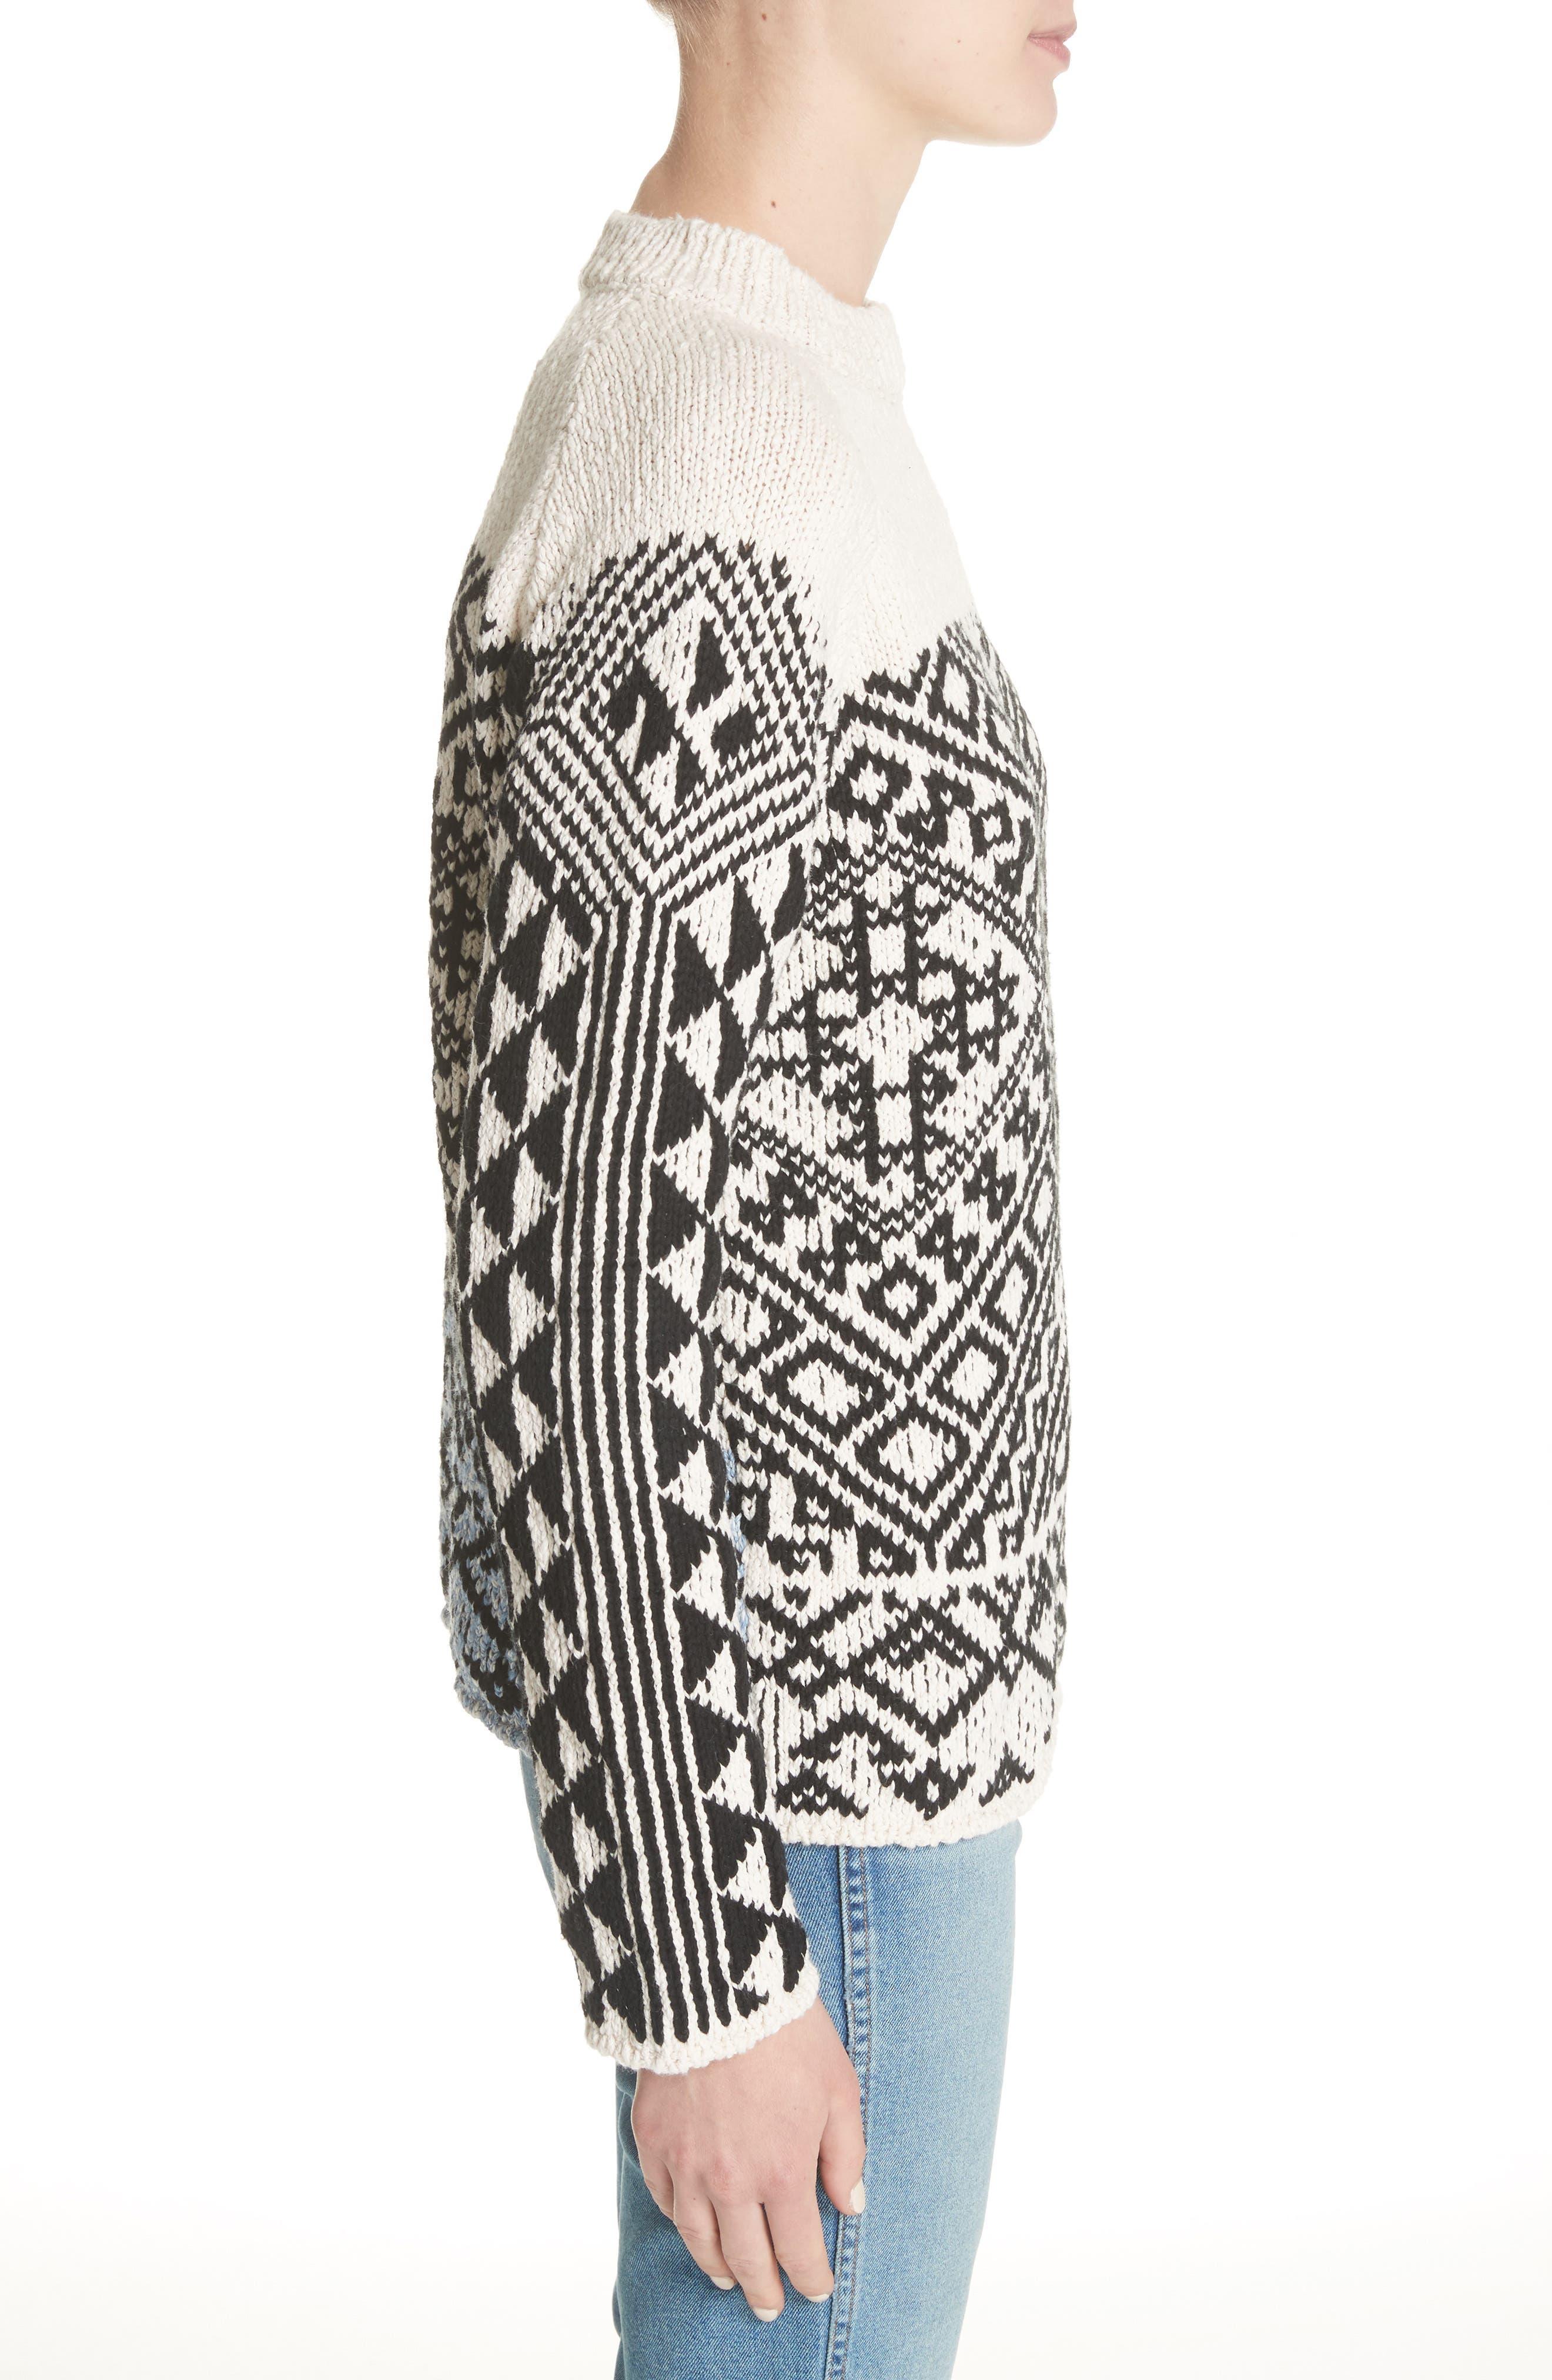 Rhia Jacquard Sweater,                             Alternate thumbnail 3, color,                             Off White/ Black